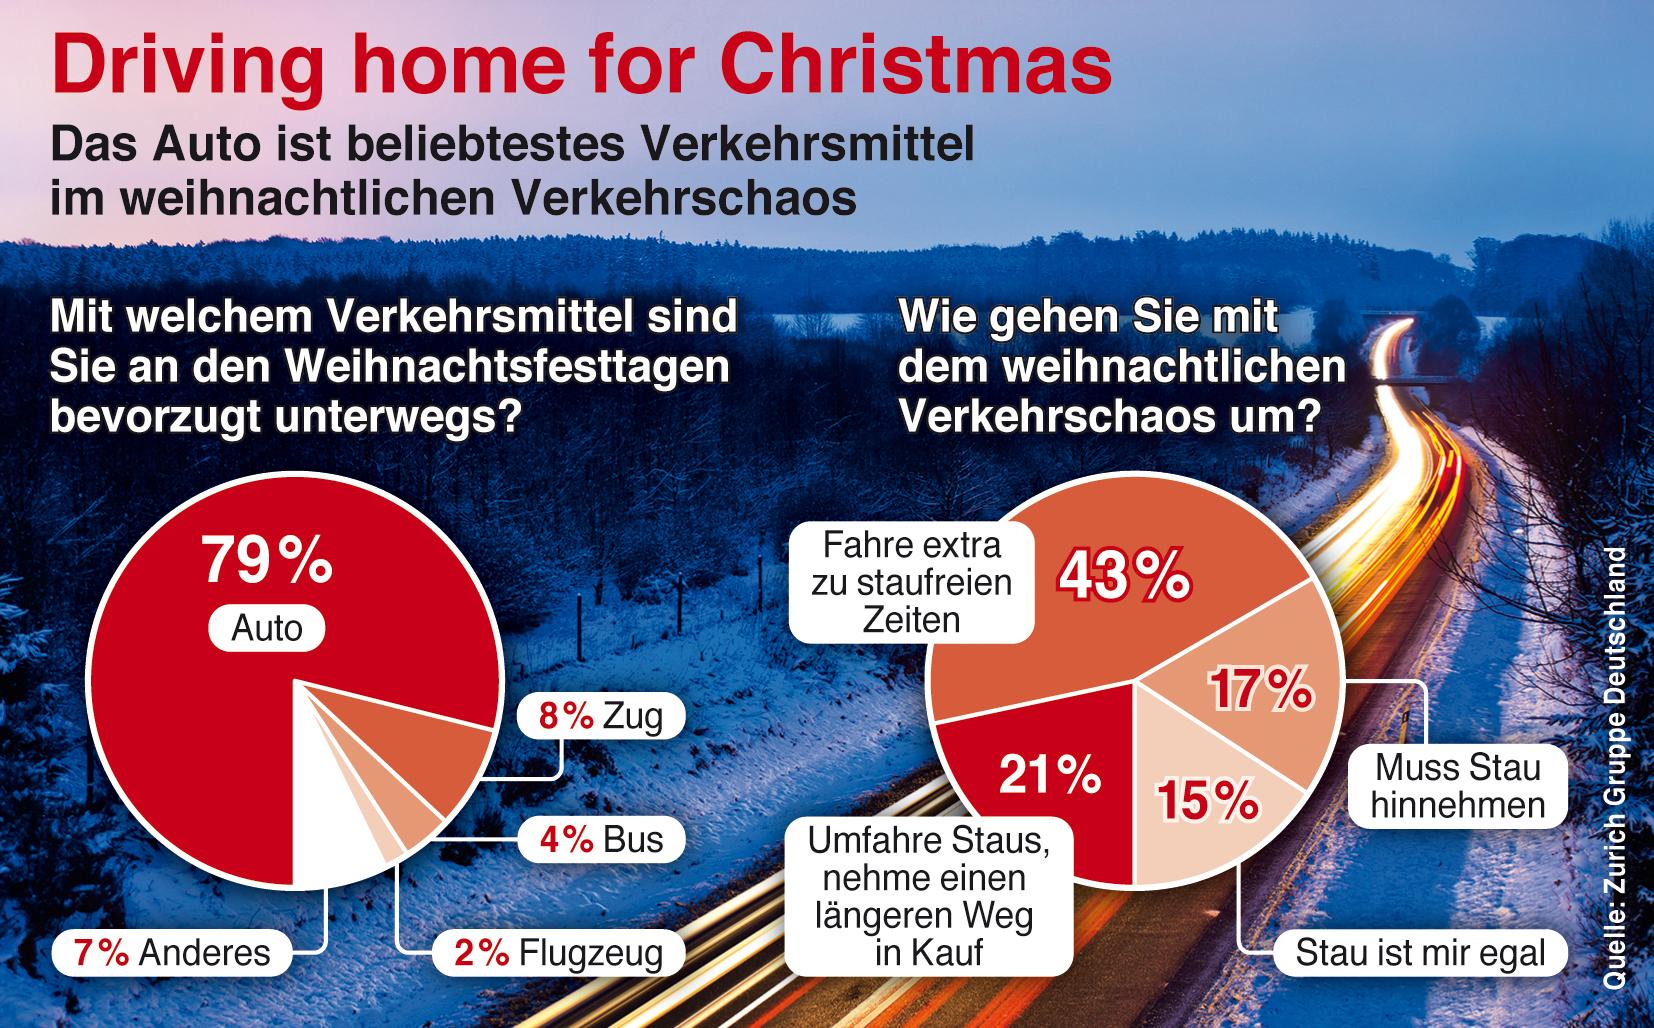 Driving home for Christmas: Jeder dritte Deutsche bevorzugt trotz Verkehrschaos das Auto